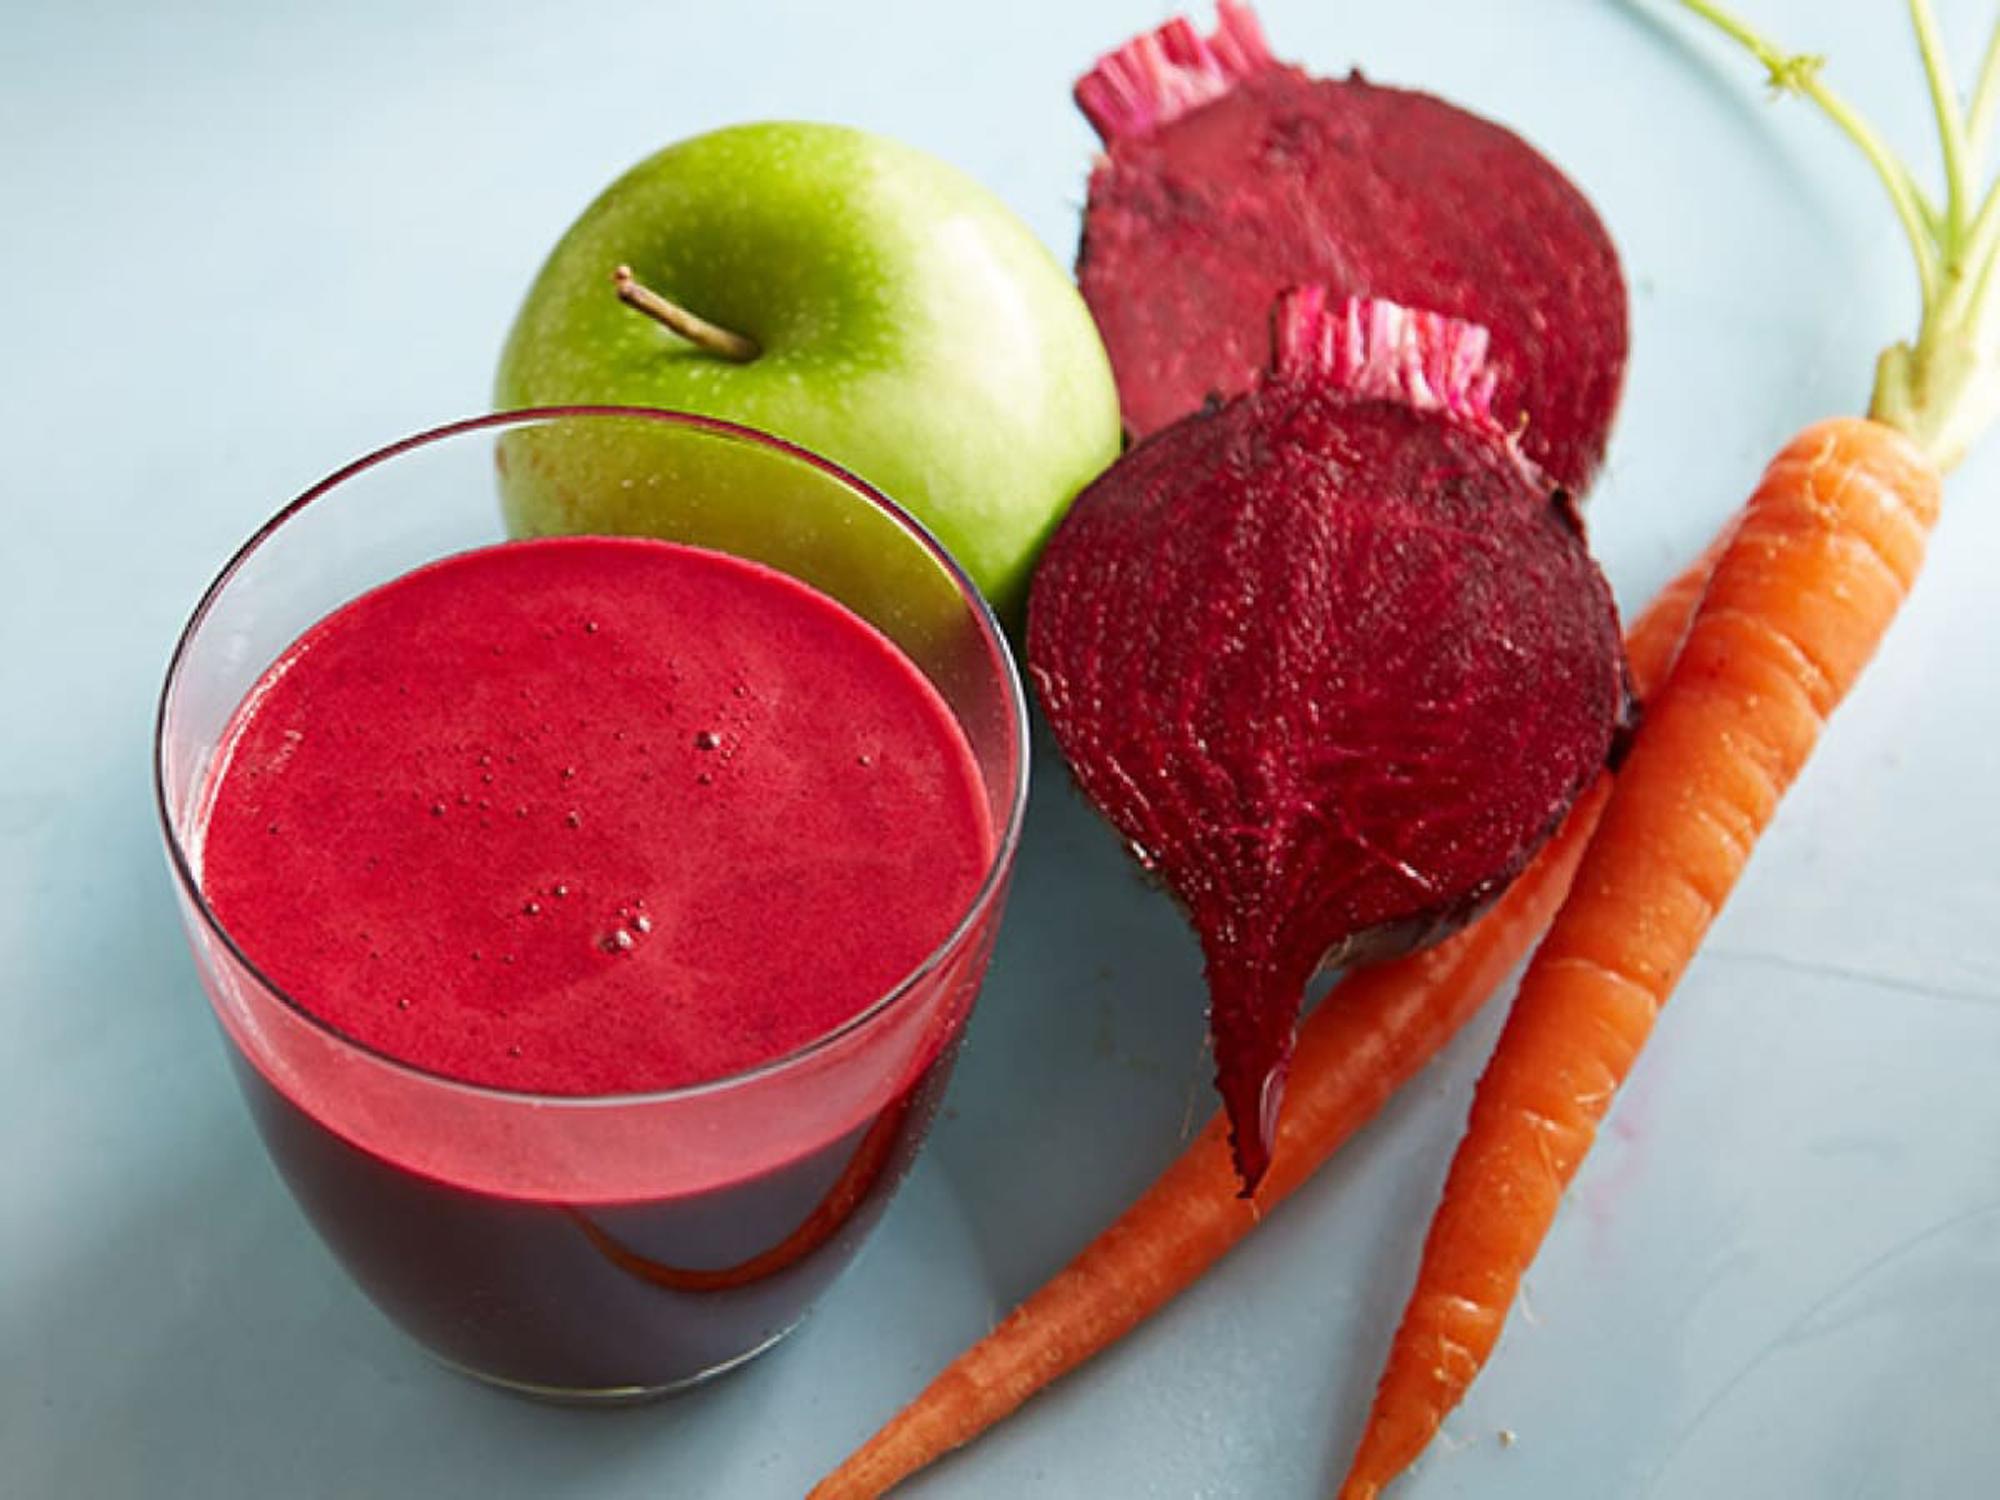 Suc din măr, sfeclă și morcovi